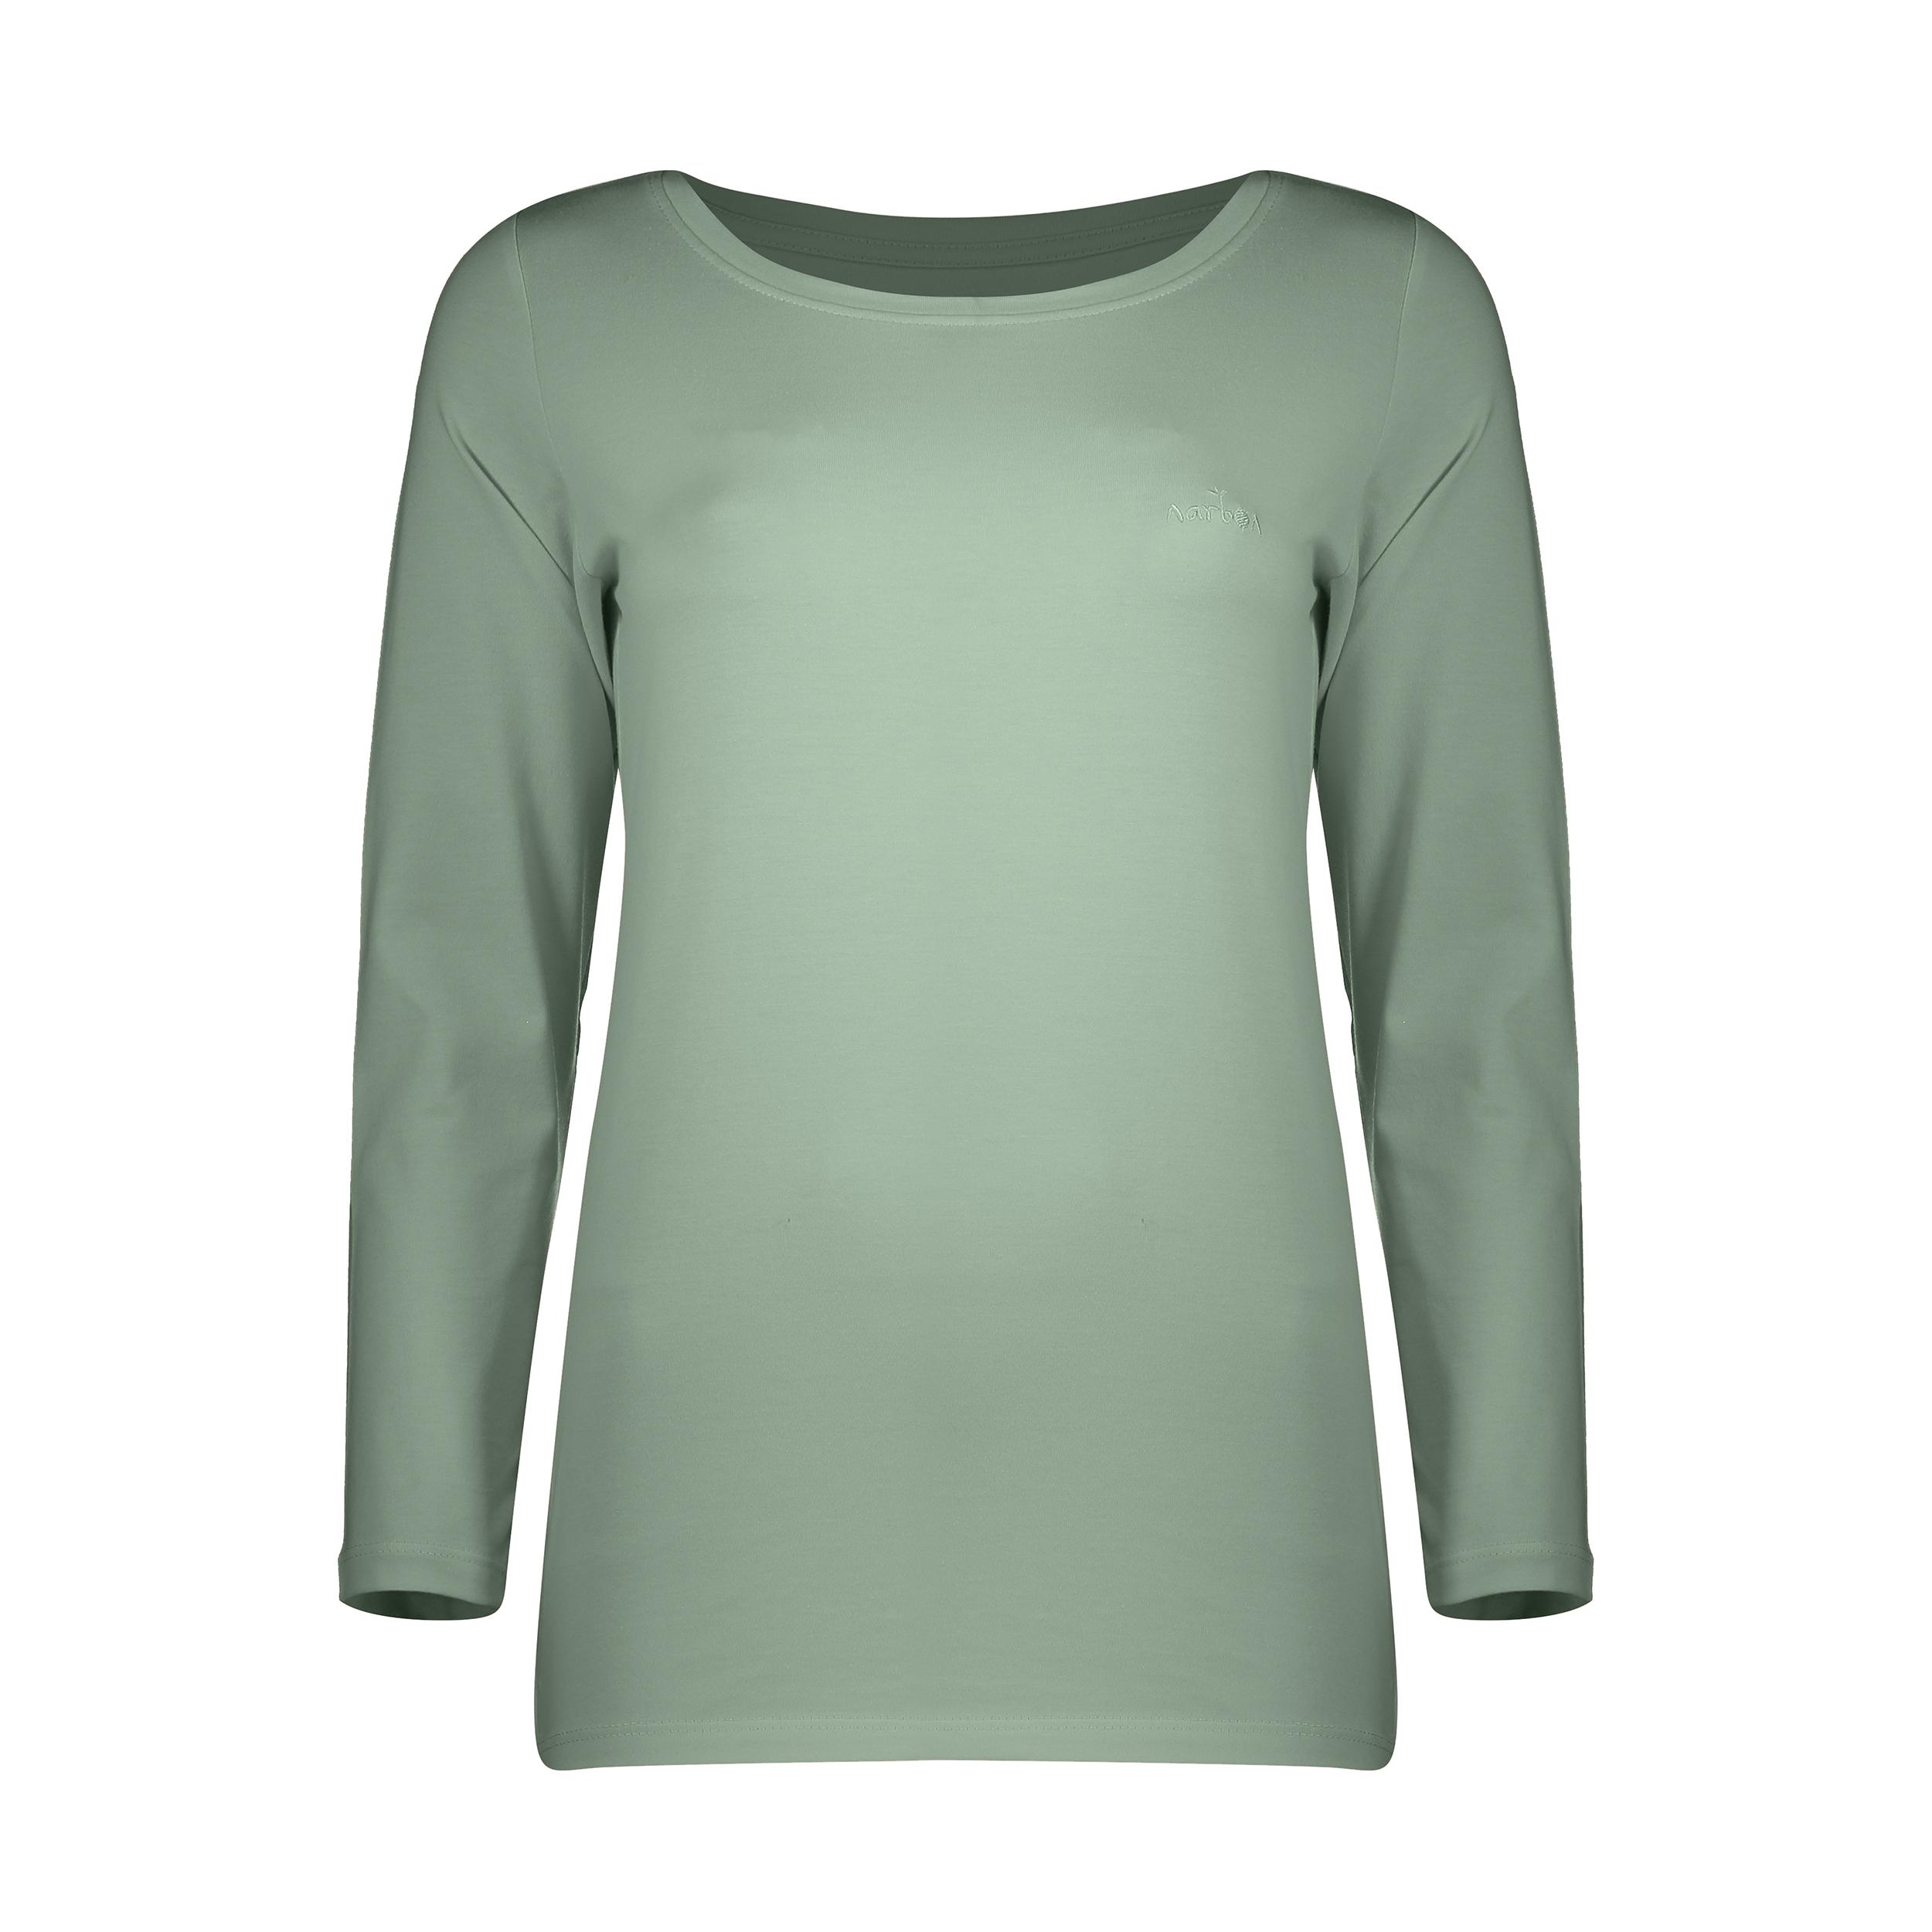 تی شرت زنانه ناربن مدل 1521300-46